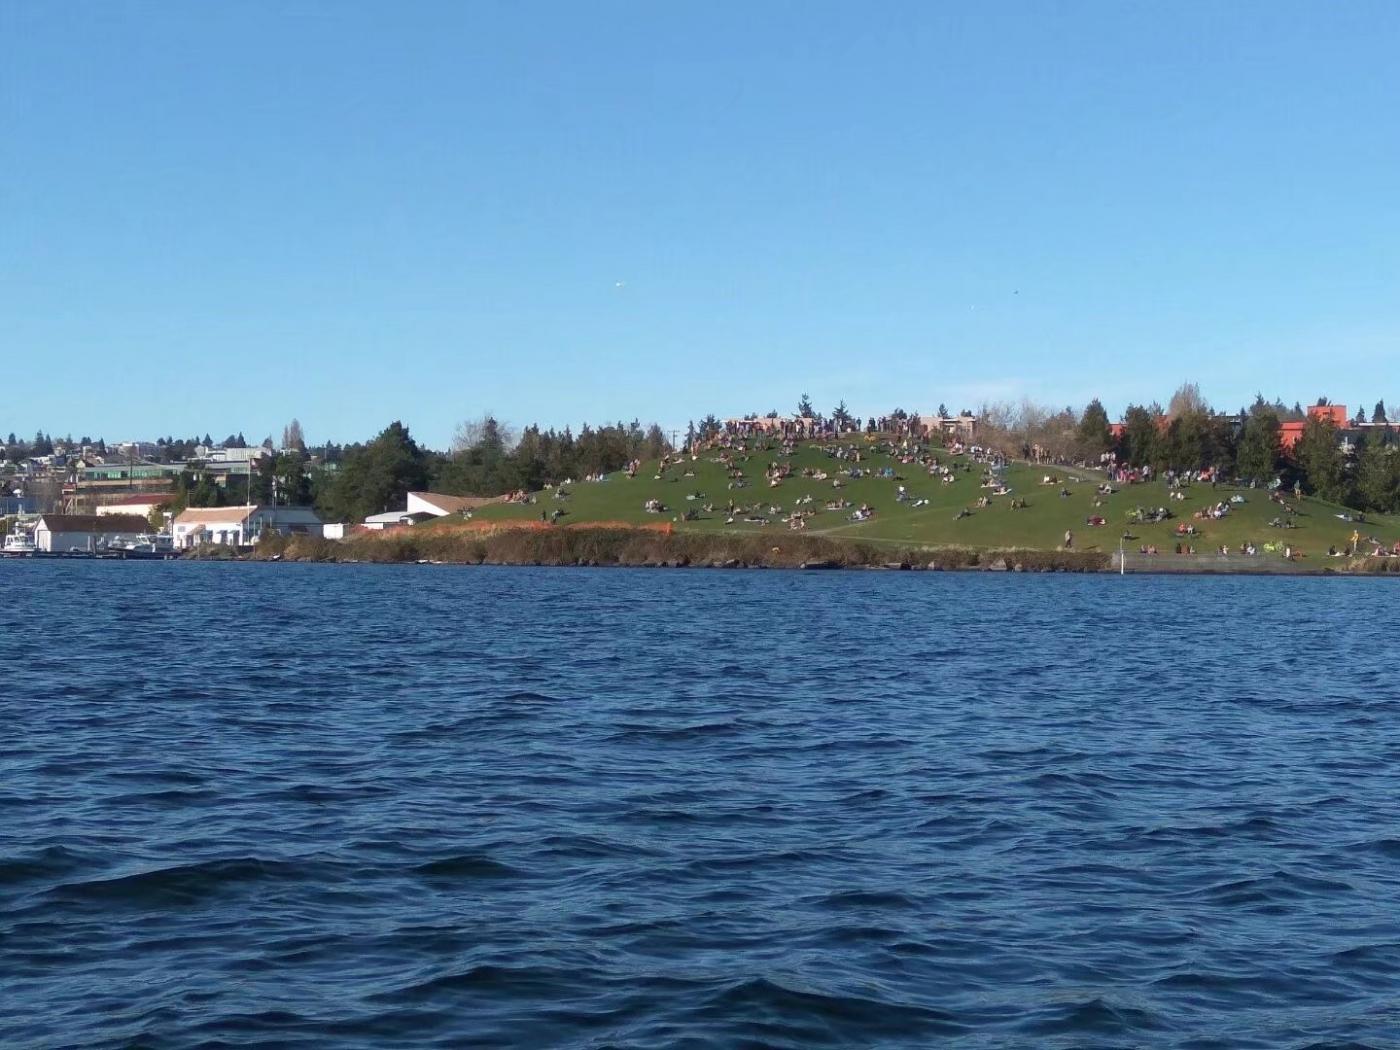 水陆两栖车游西雅图(图)_图1-13